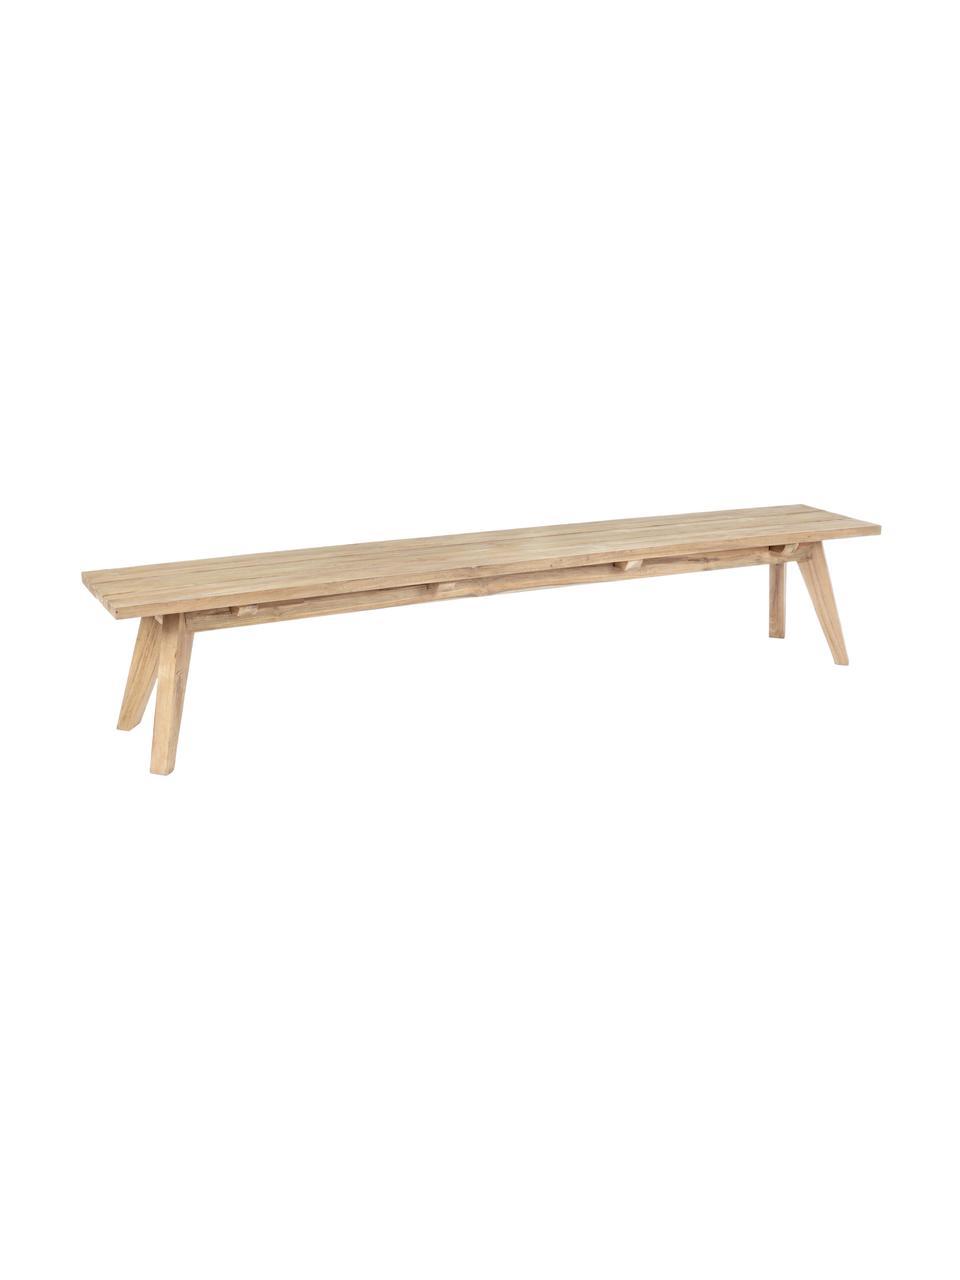 Ławka ogrodowa Kendari, Surowe drewno tekowe z recyklingu Posiada certyfikat FSC, Drewno tekowe, S 240 x W 45 cm